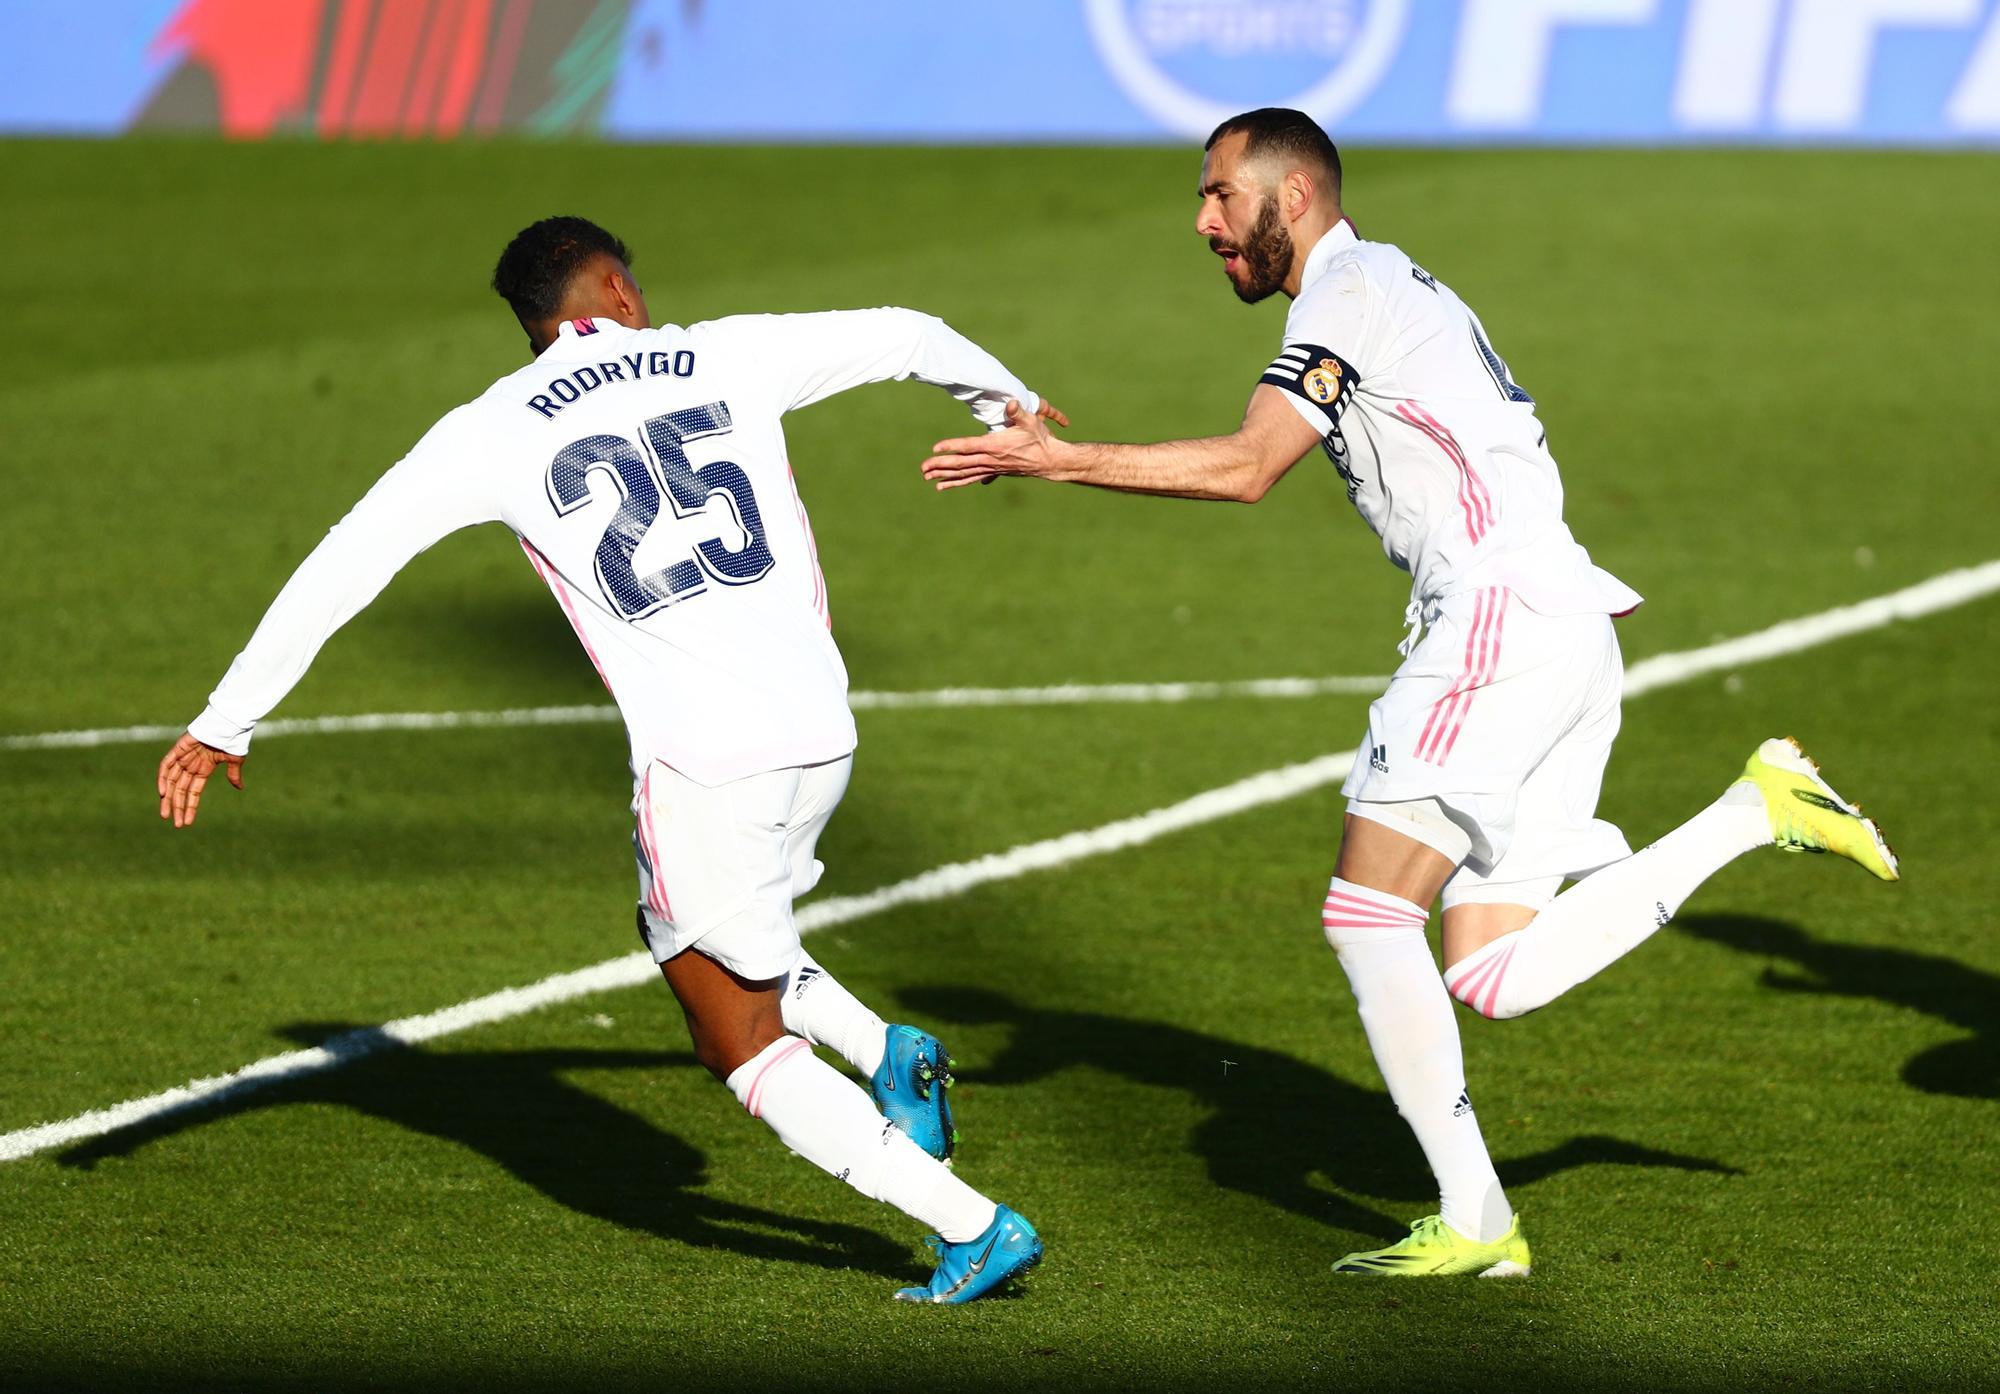 Fútbol | LaLiga Santander: Real Madrid - Elche